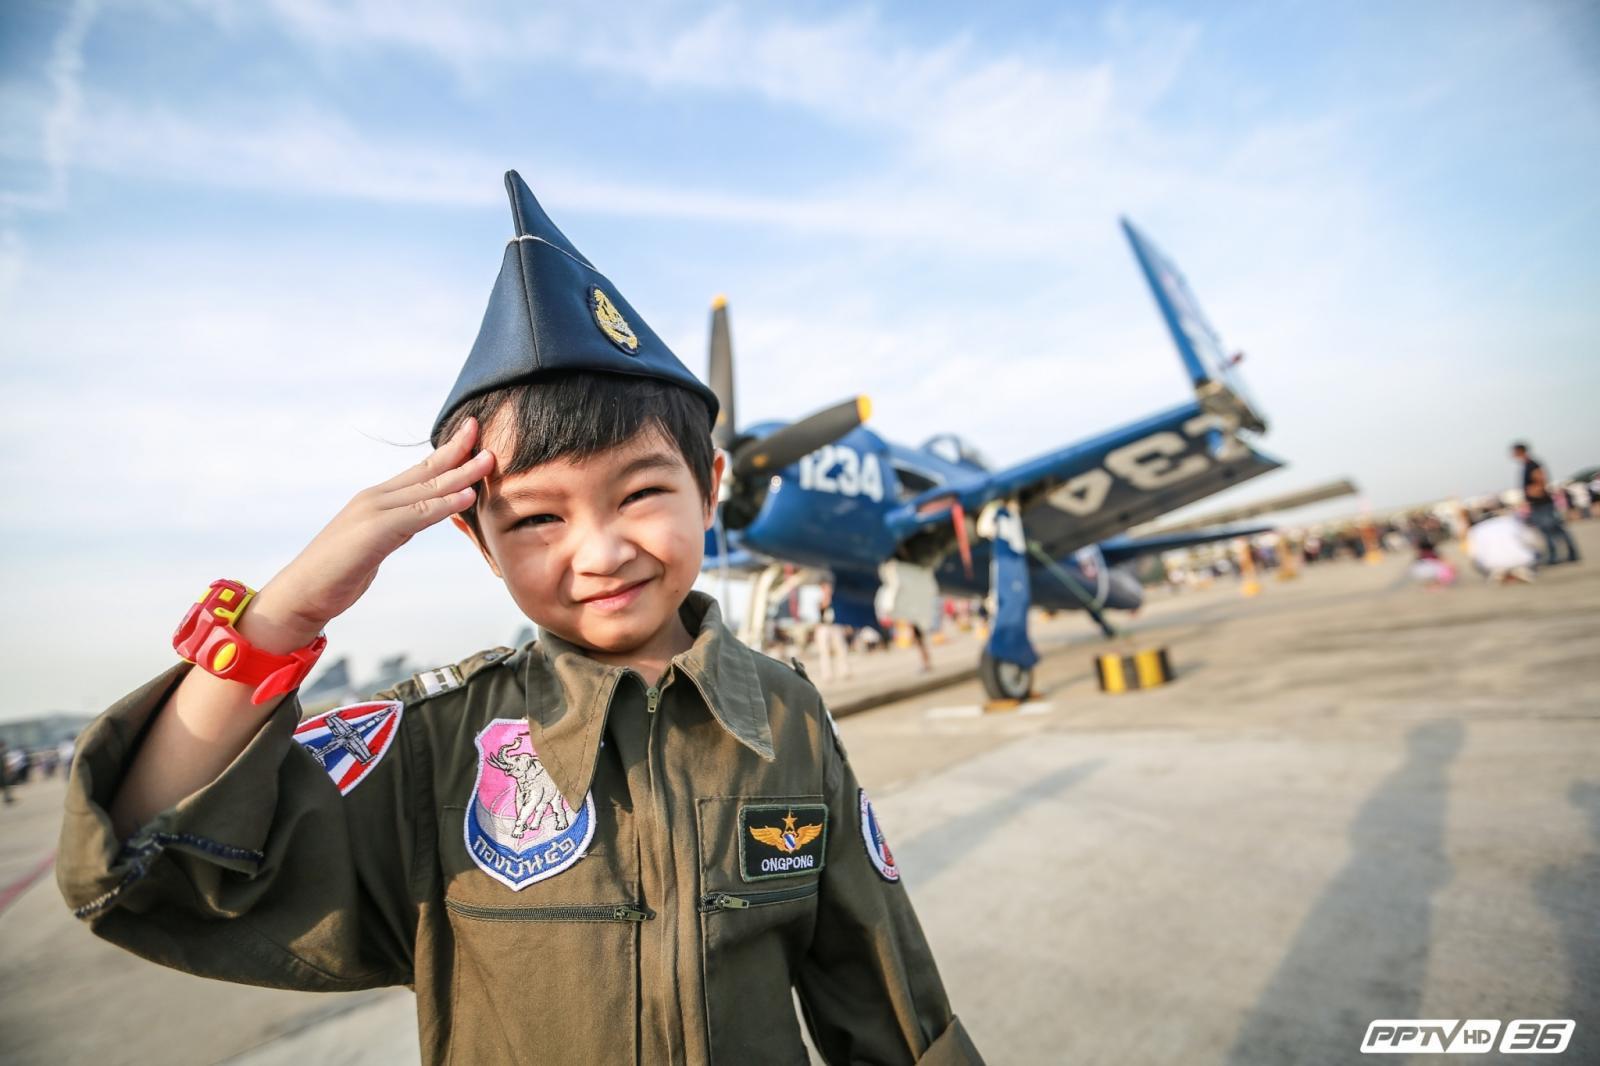 """""""ไปดูเครื่องบินกัน""""..ส่องความสดใส งานวันเด็ก ณ ฝูงบิน 601 (ภาพชุด)"""